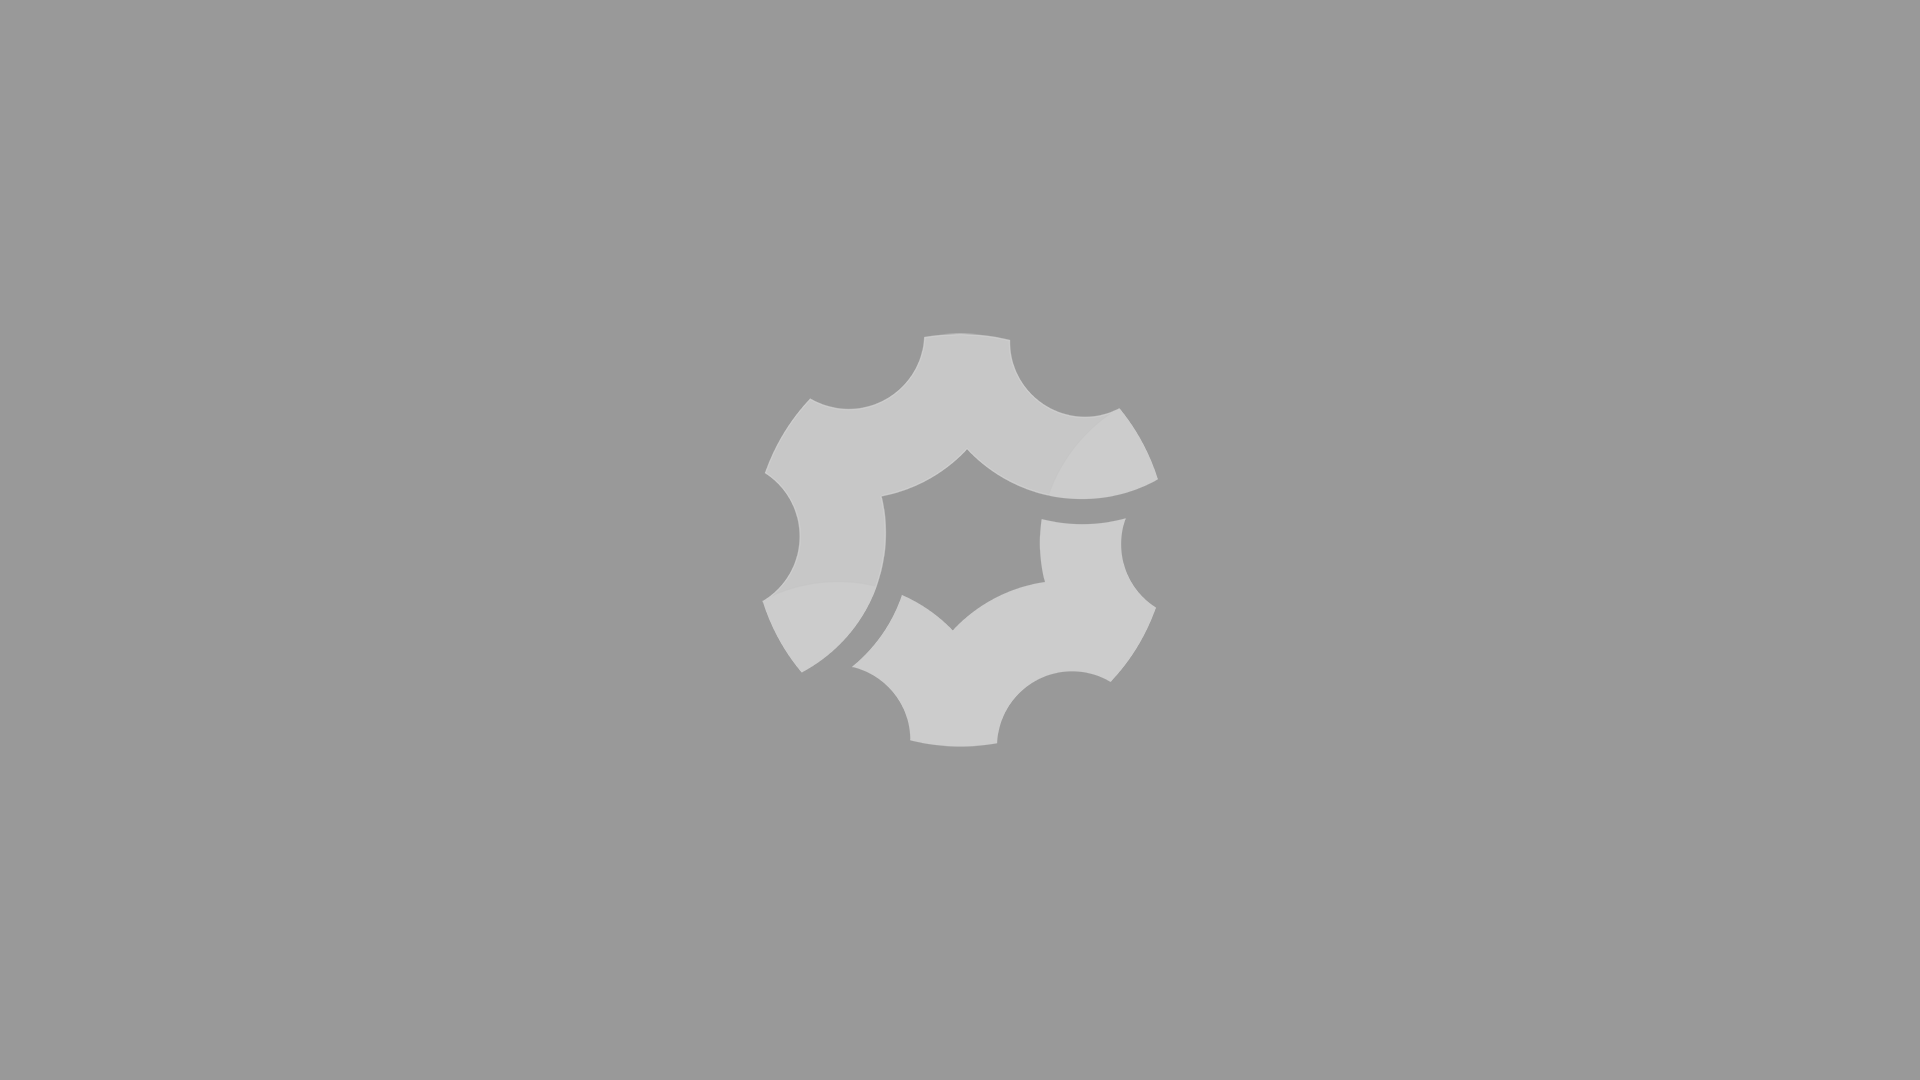 snowrunner_ksiva_p_97590_2021-04-03_04_48_32.png